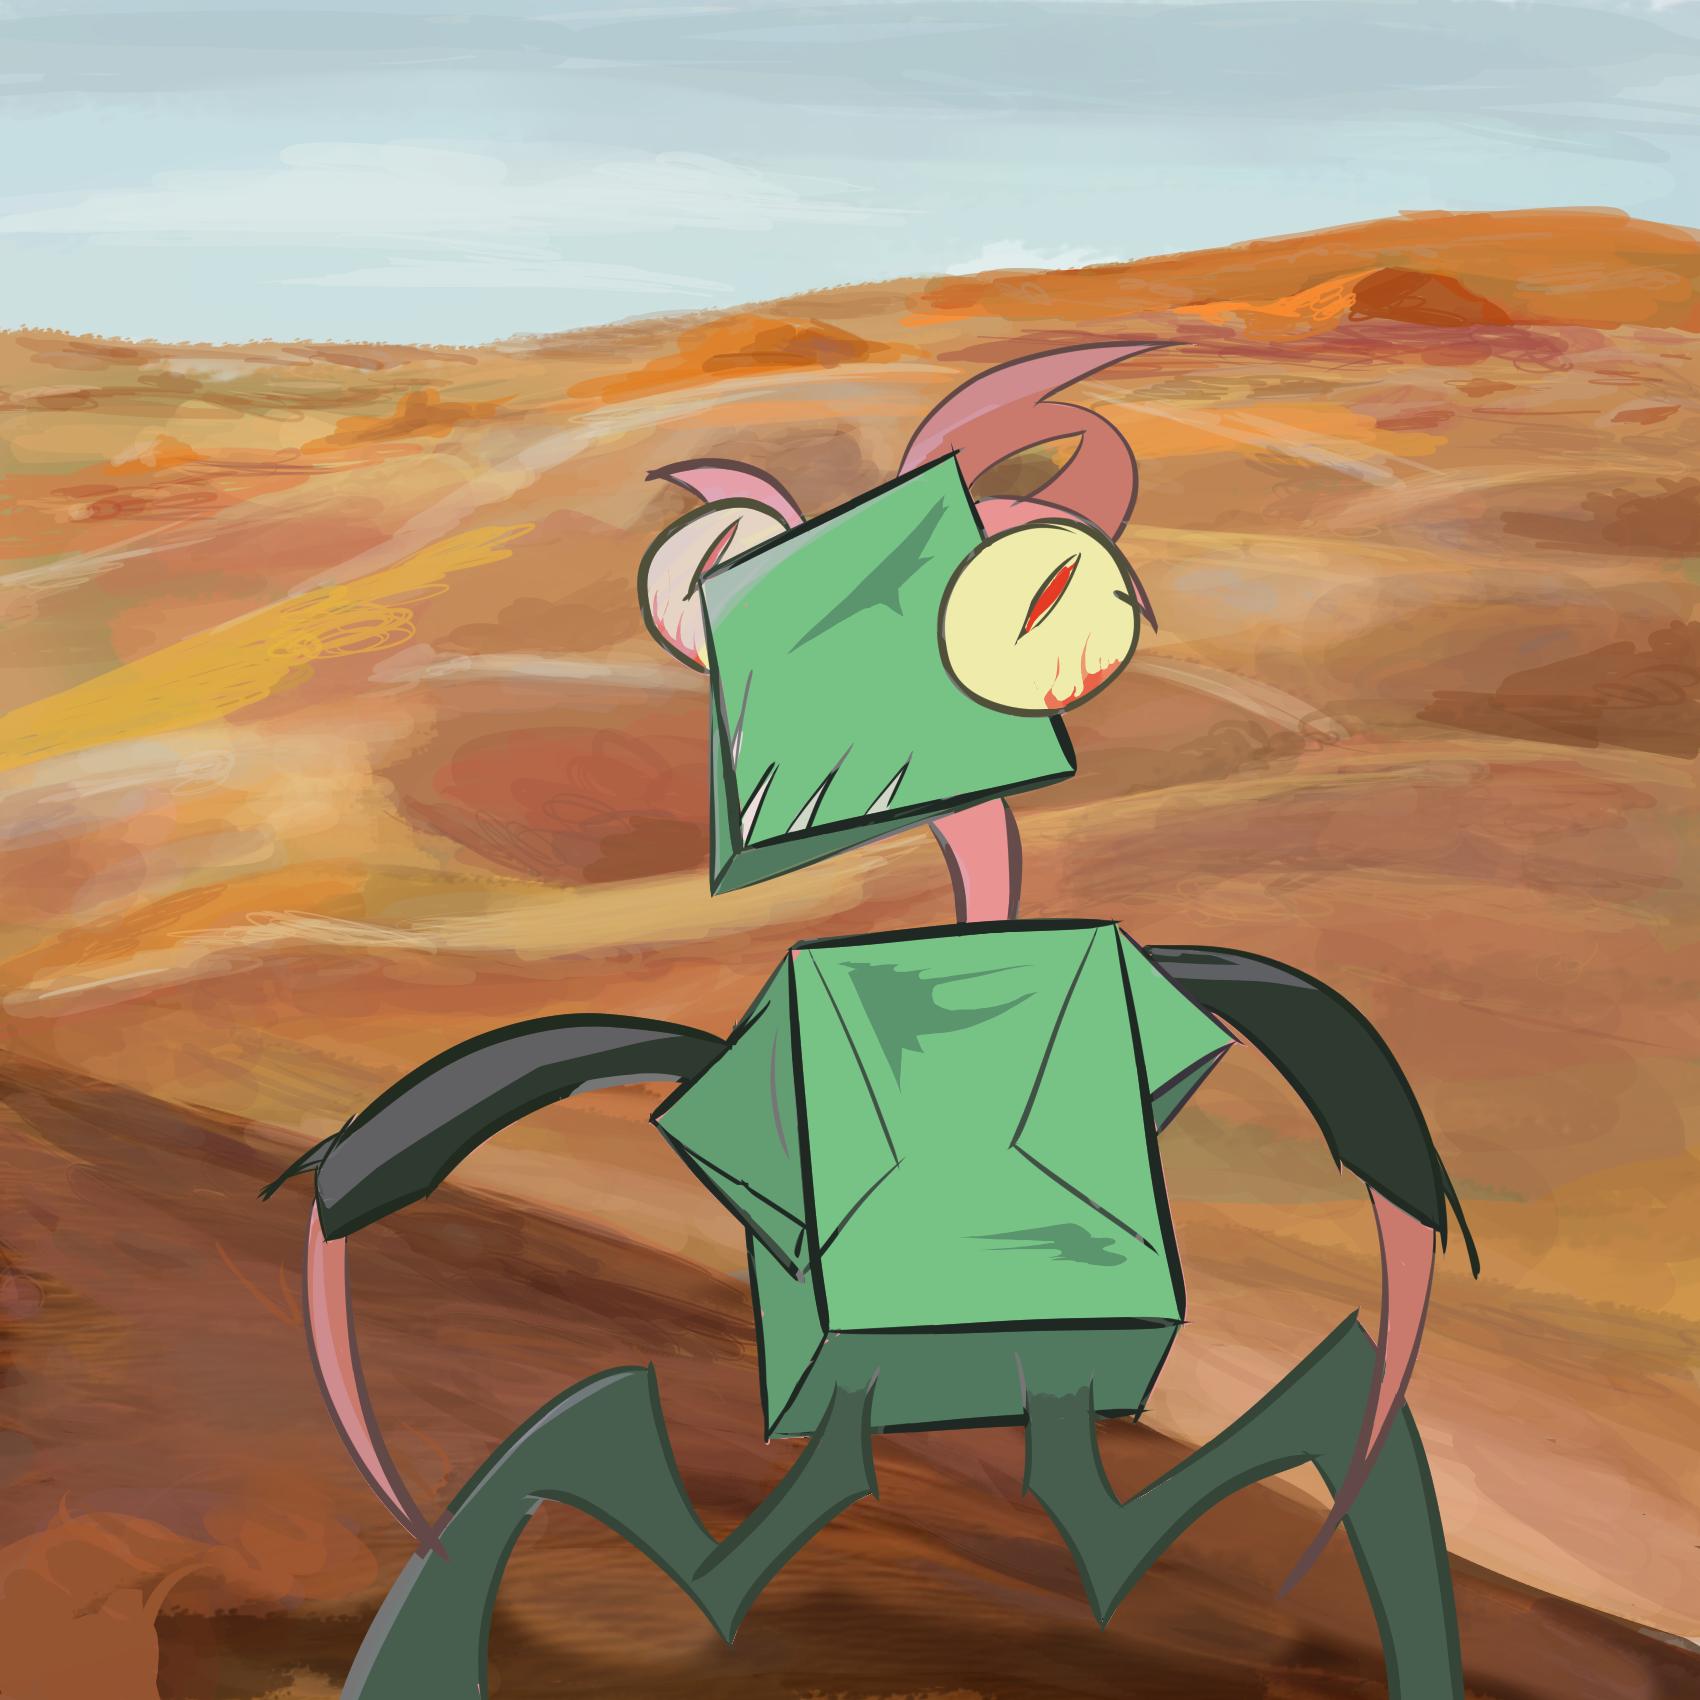 Grasshopper monster in the desert